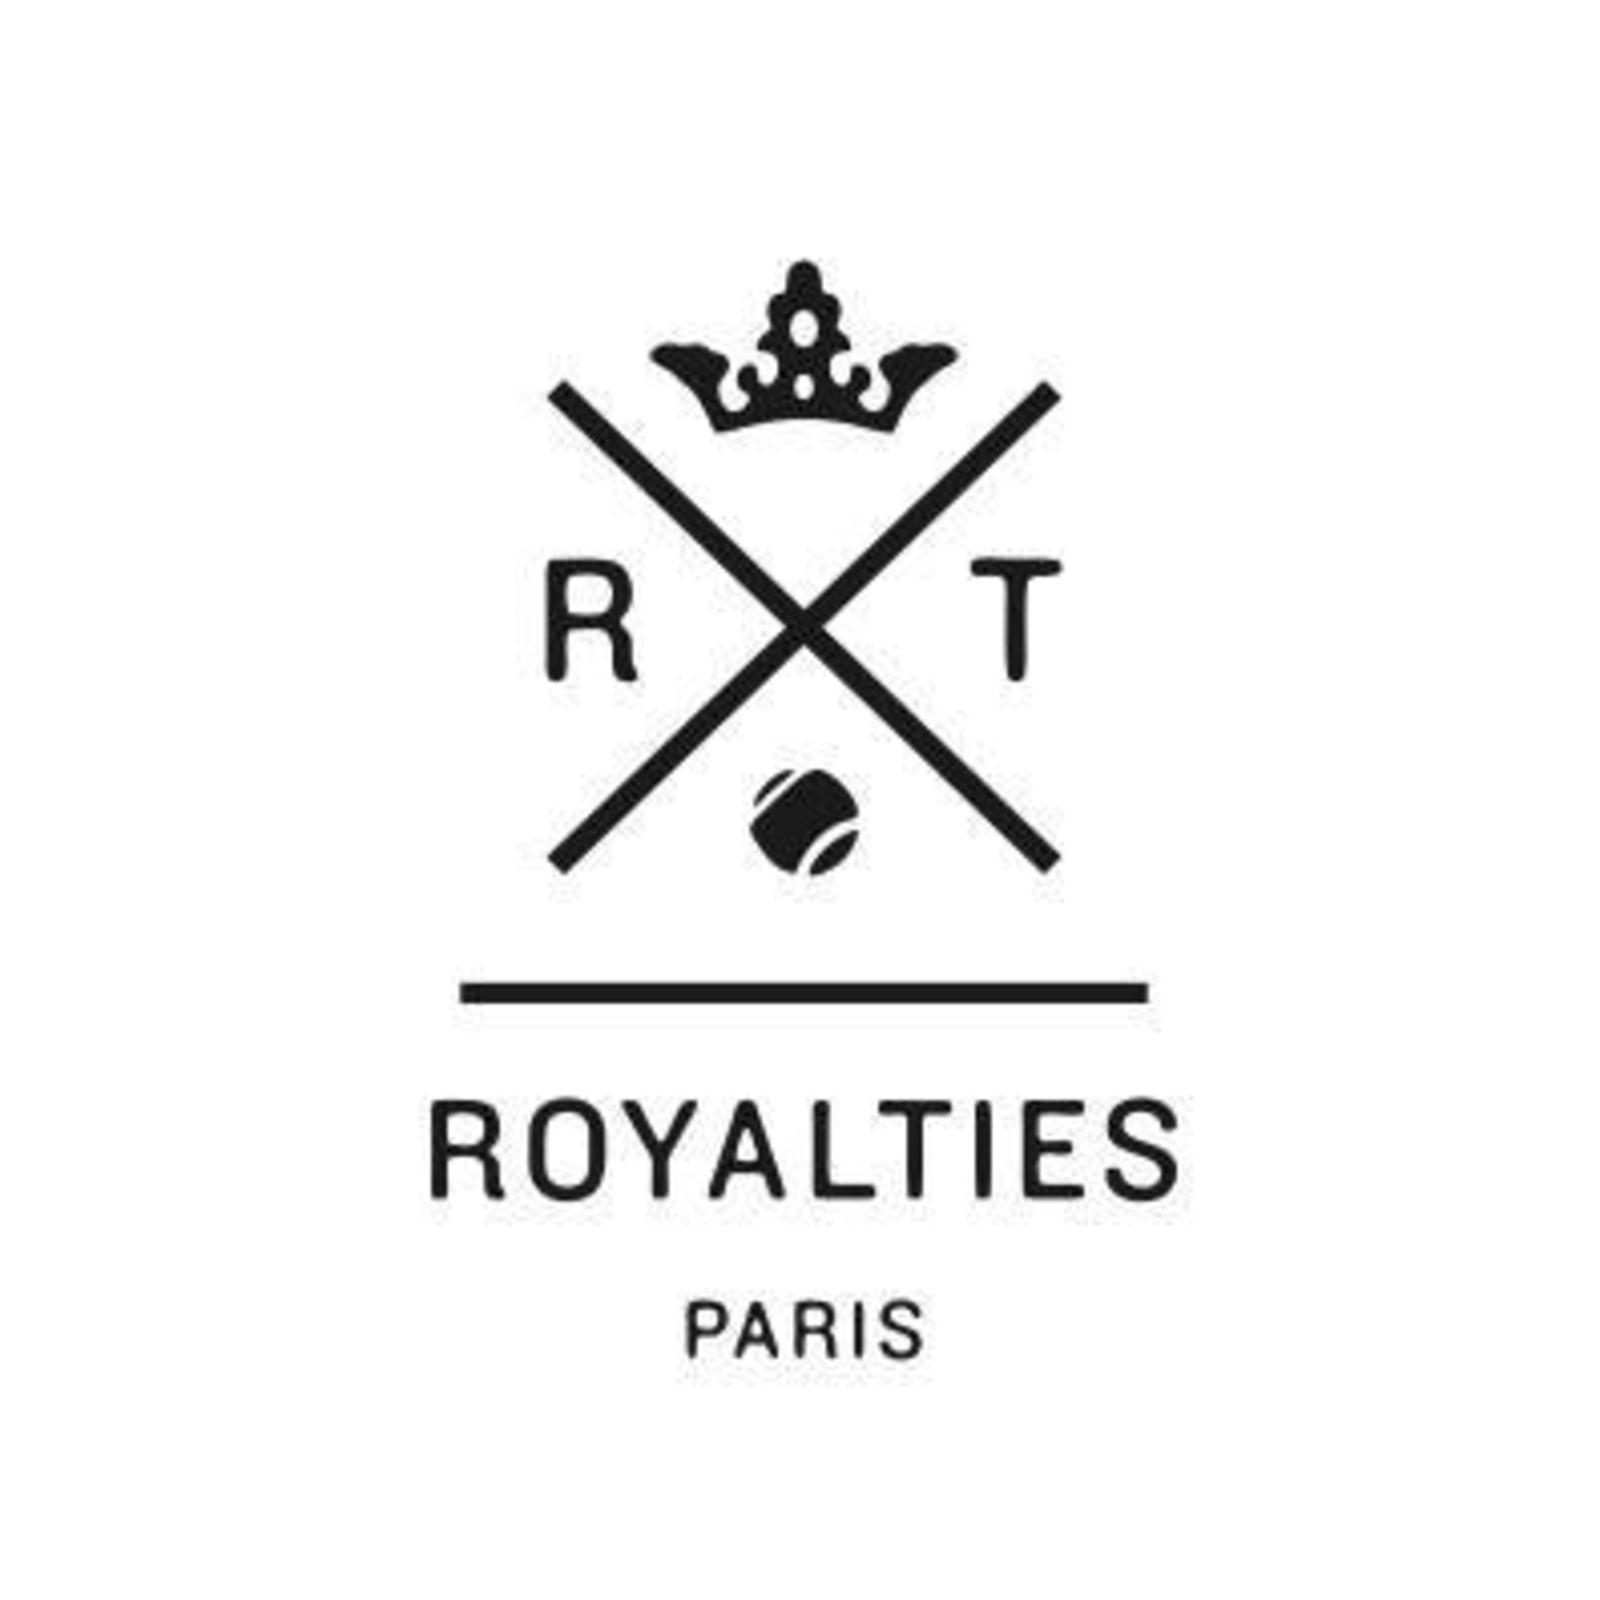 ROYALTIES PARIS